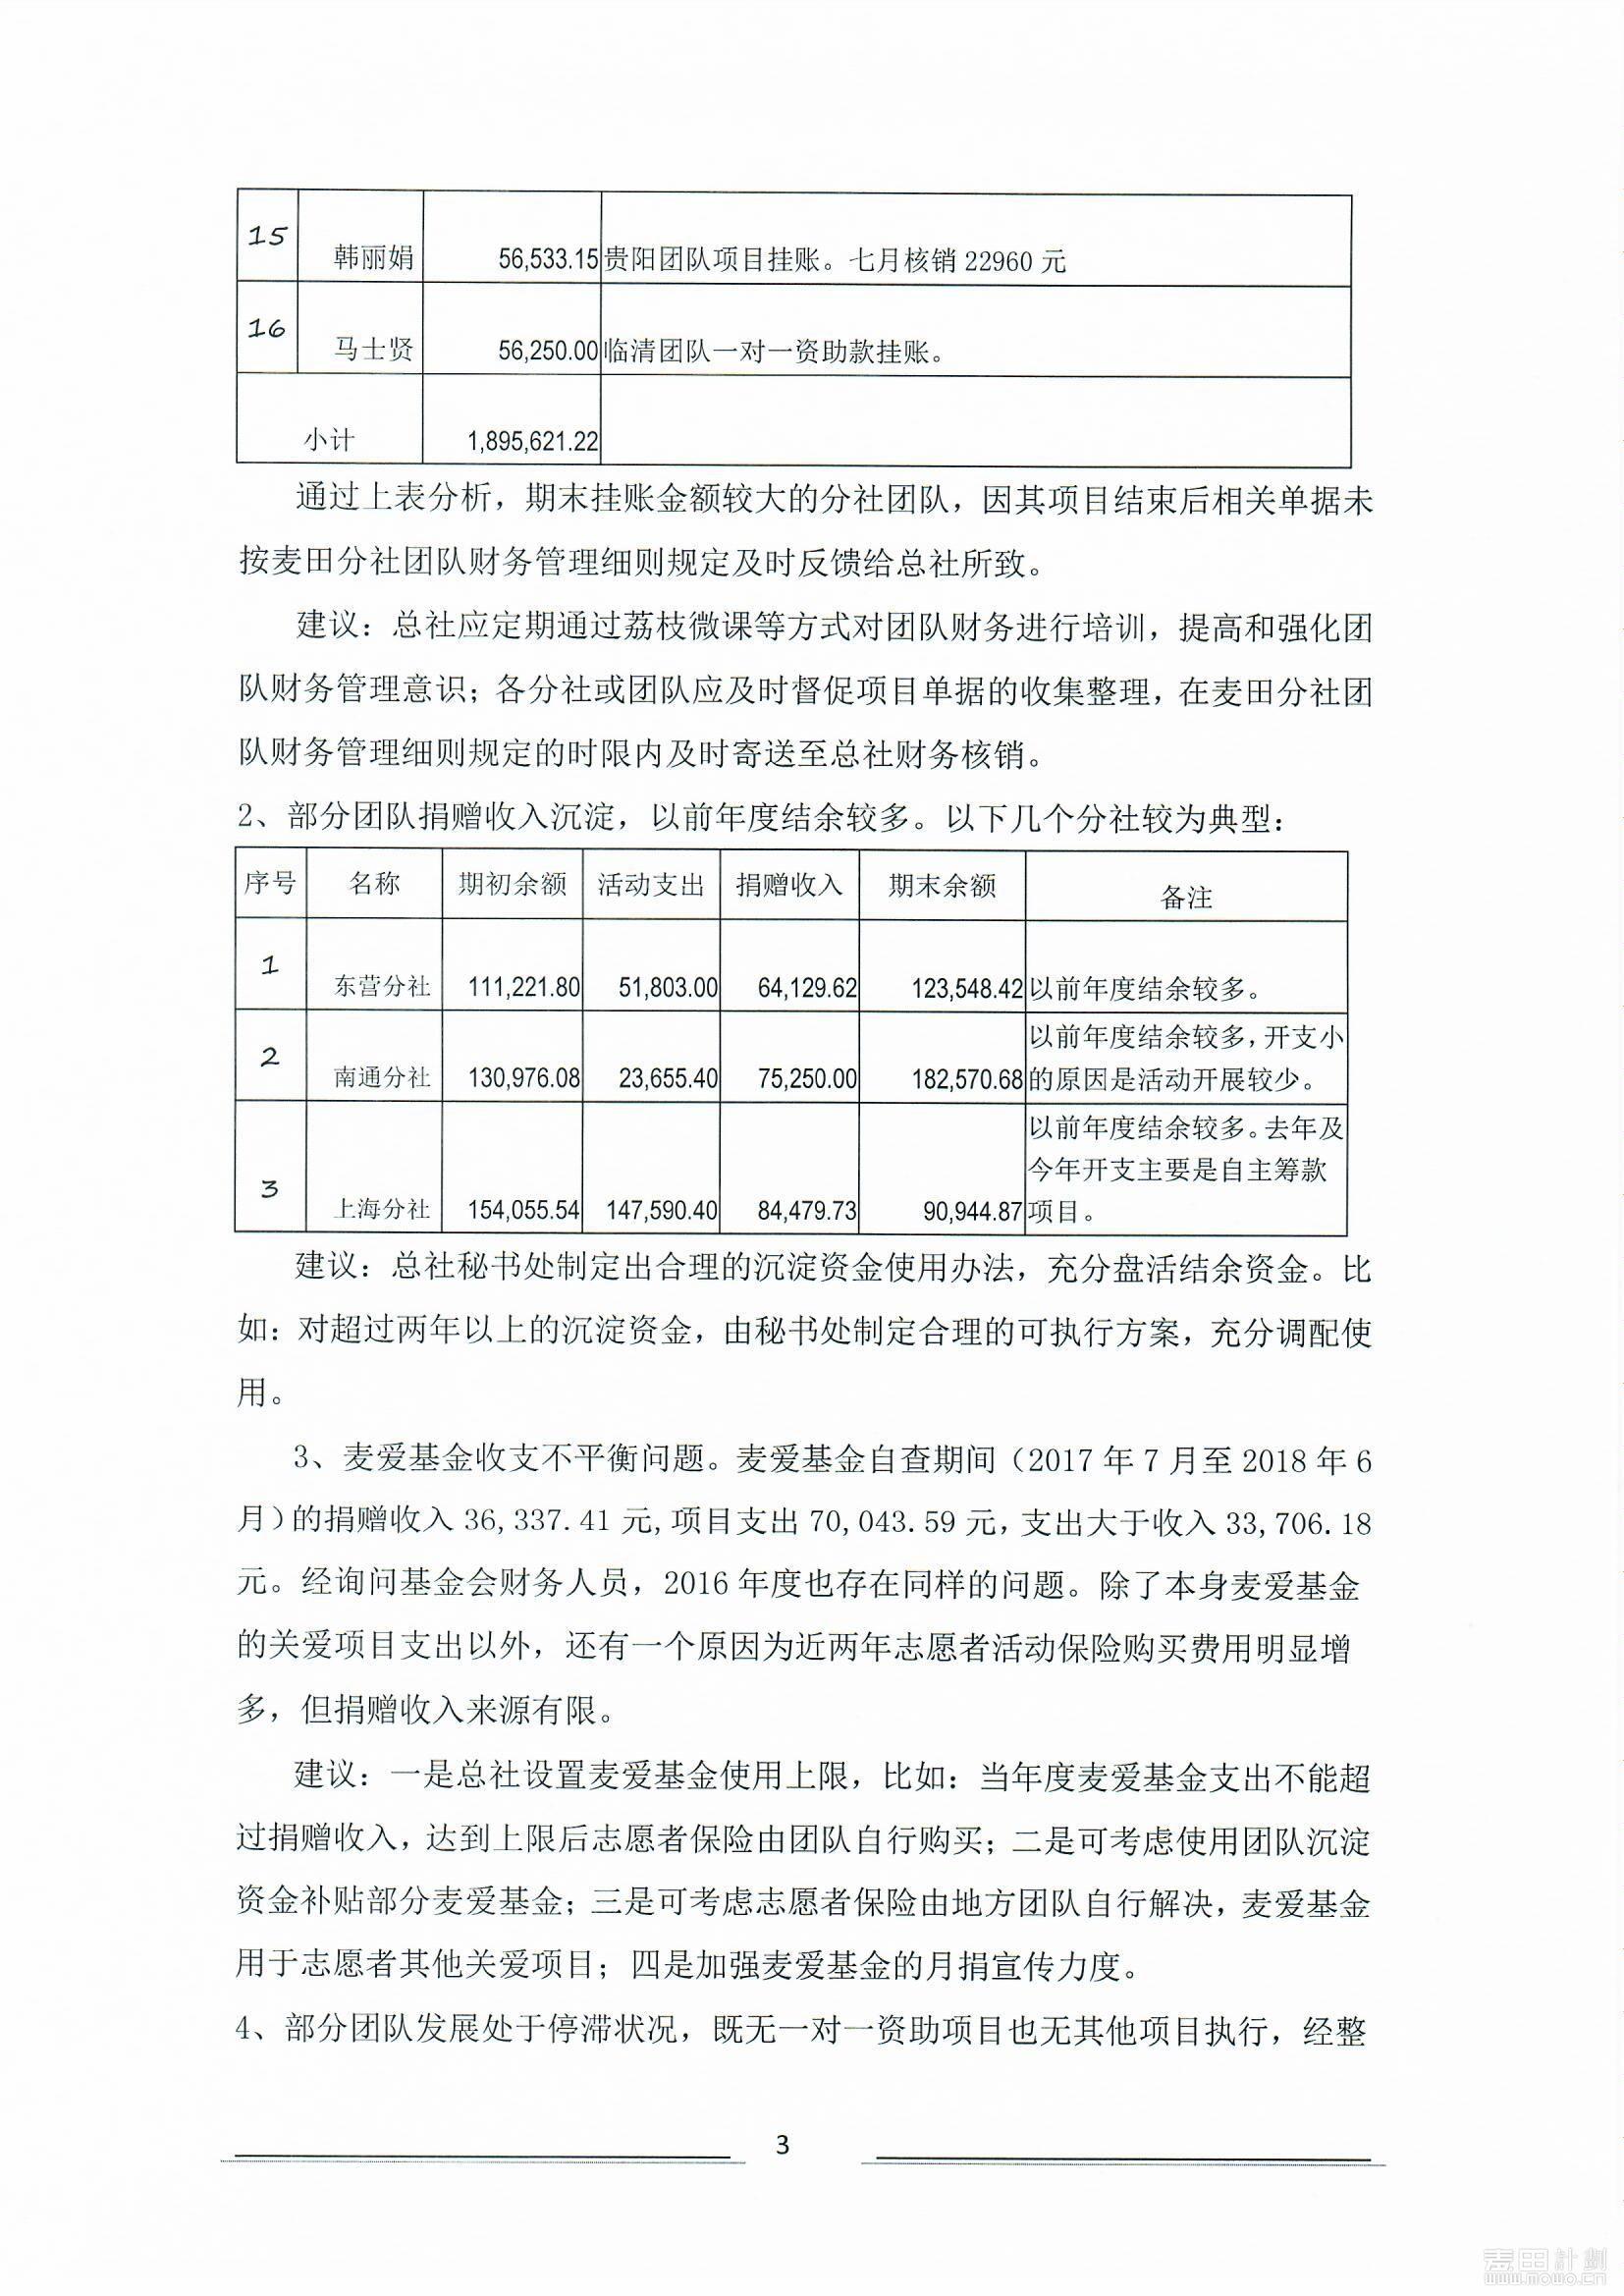 2018年麦田财务自查报告_页面_3.jpg